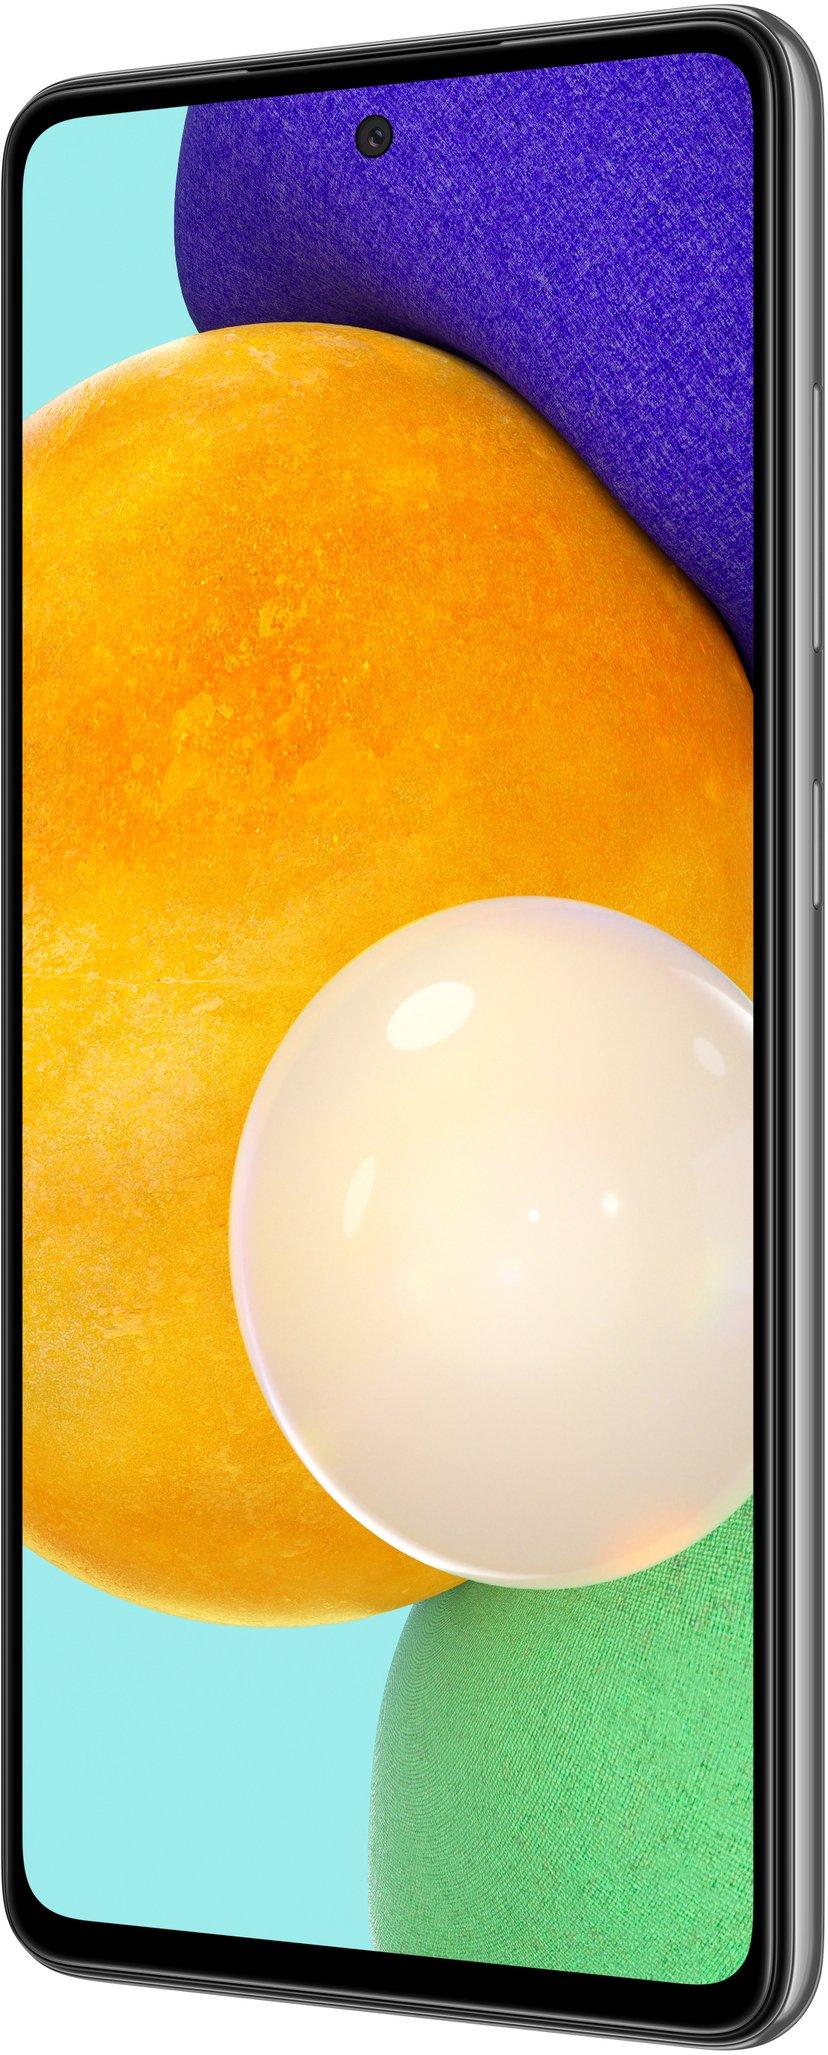 Samsung Galaxy A52 5G Enterprise Edition 128GB Dual-SIM Fantastisk svart